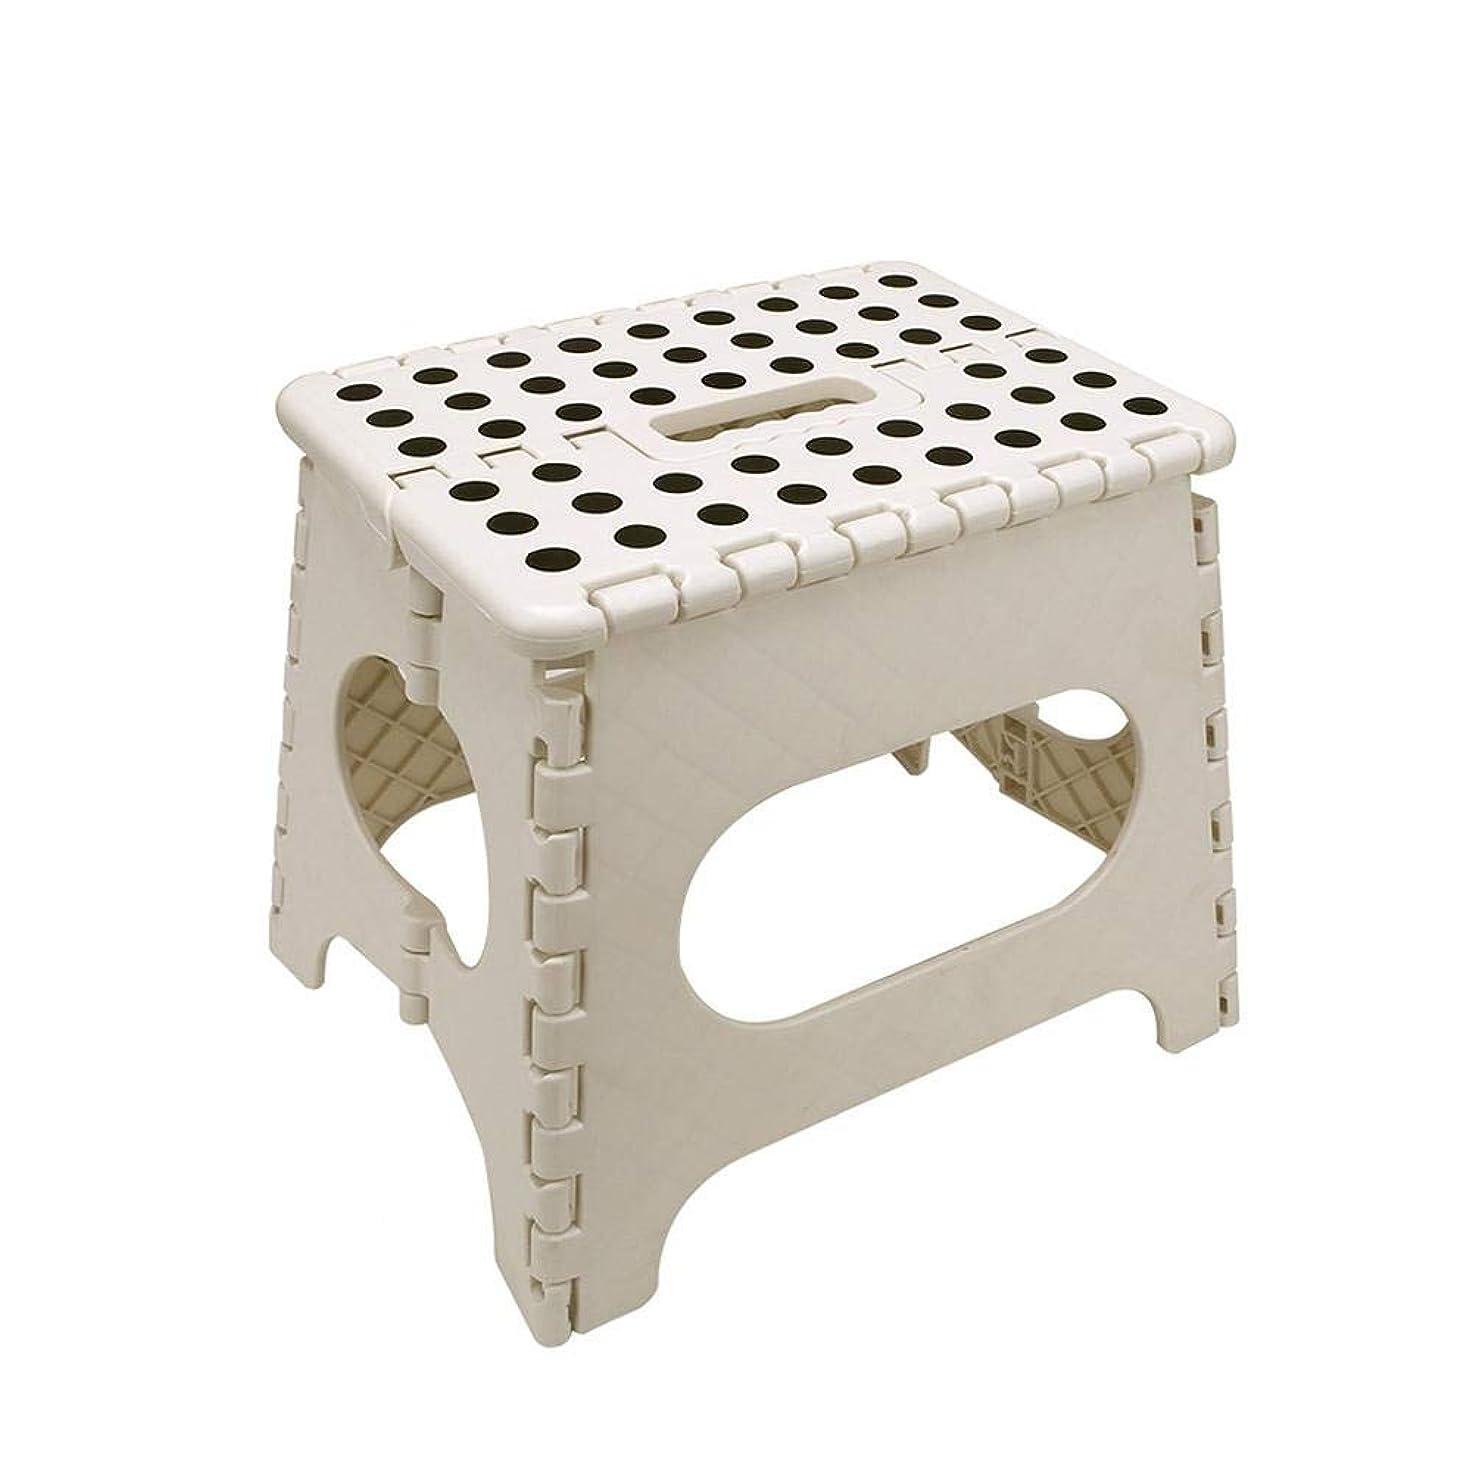 類人猿シャーロックホームズ戦闘折りたたみステップスツール、持ち運びが容易な折りたたみ式スツールポータブル、キッチンステップチェアまたはワークフットスツールとして安全に使用できます